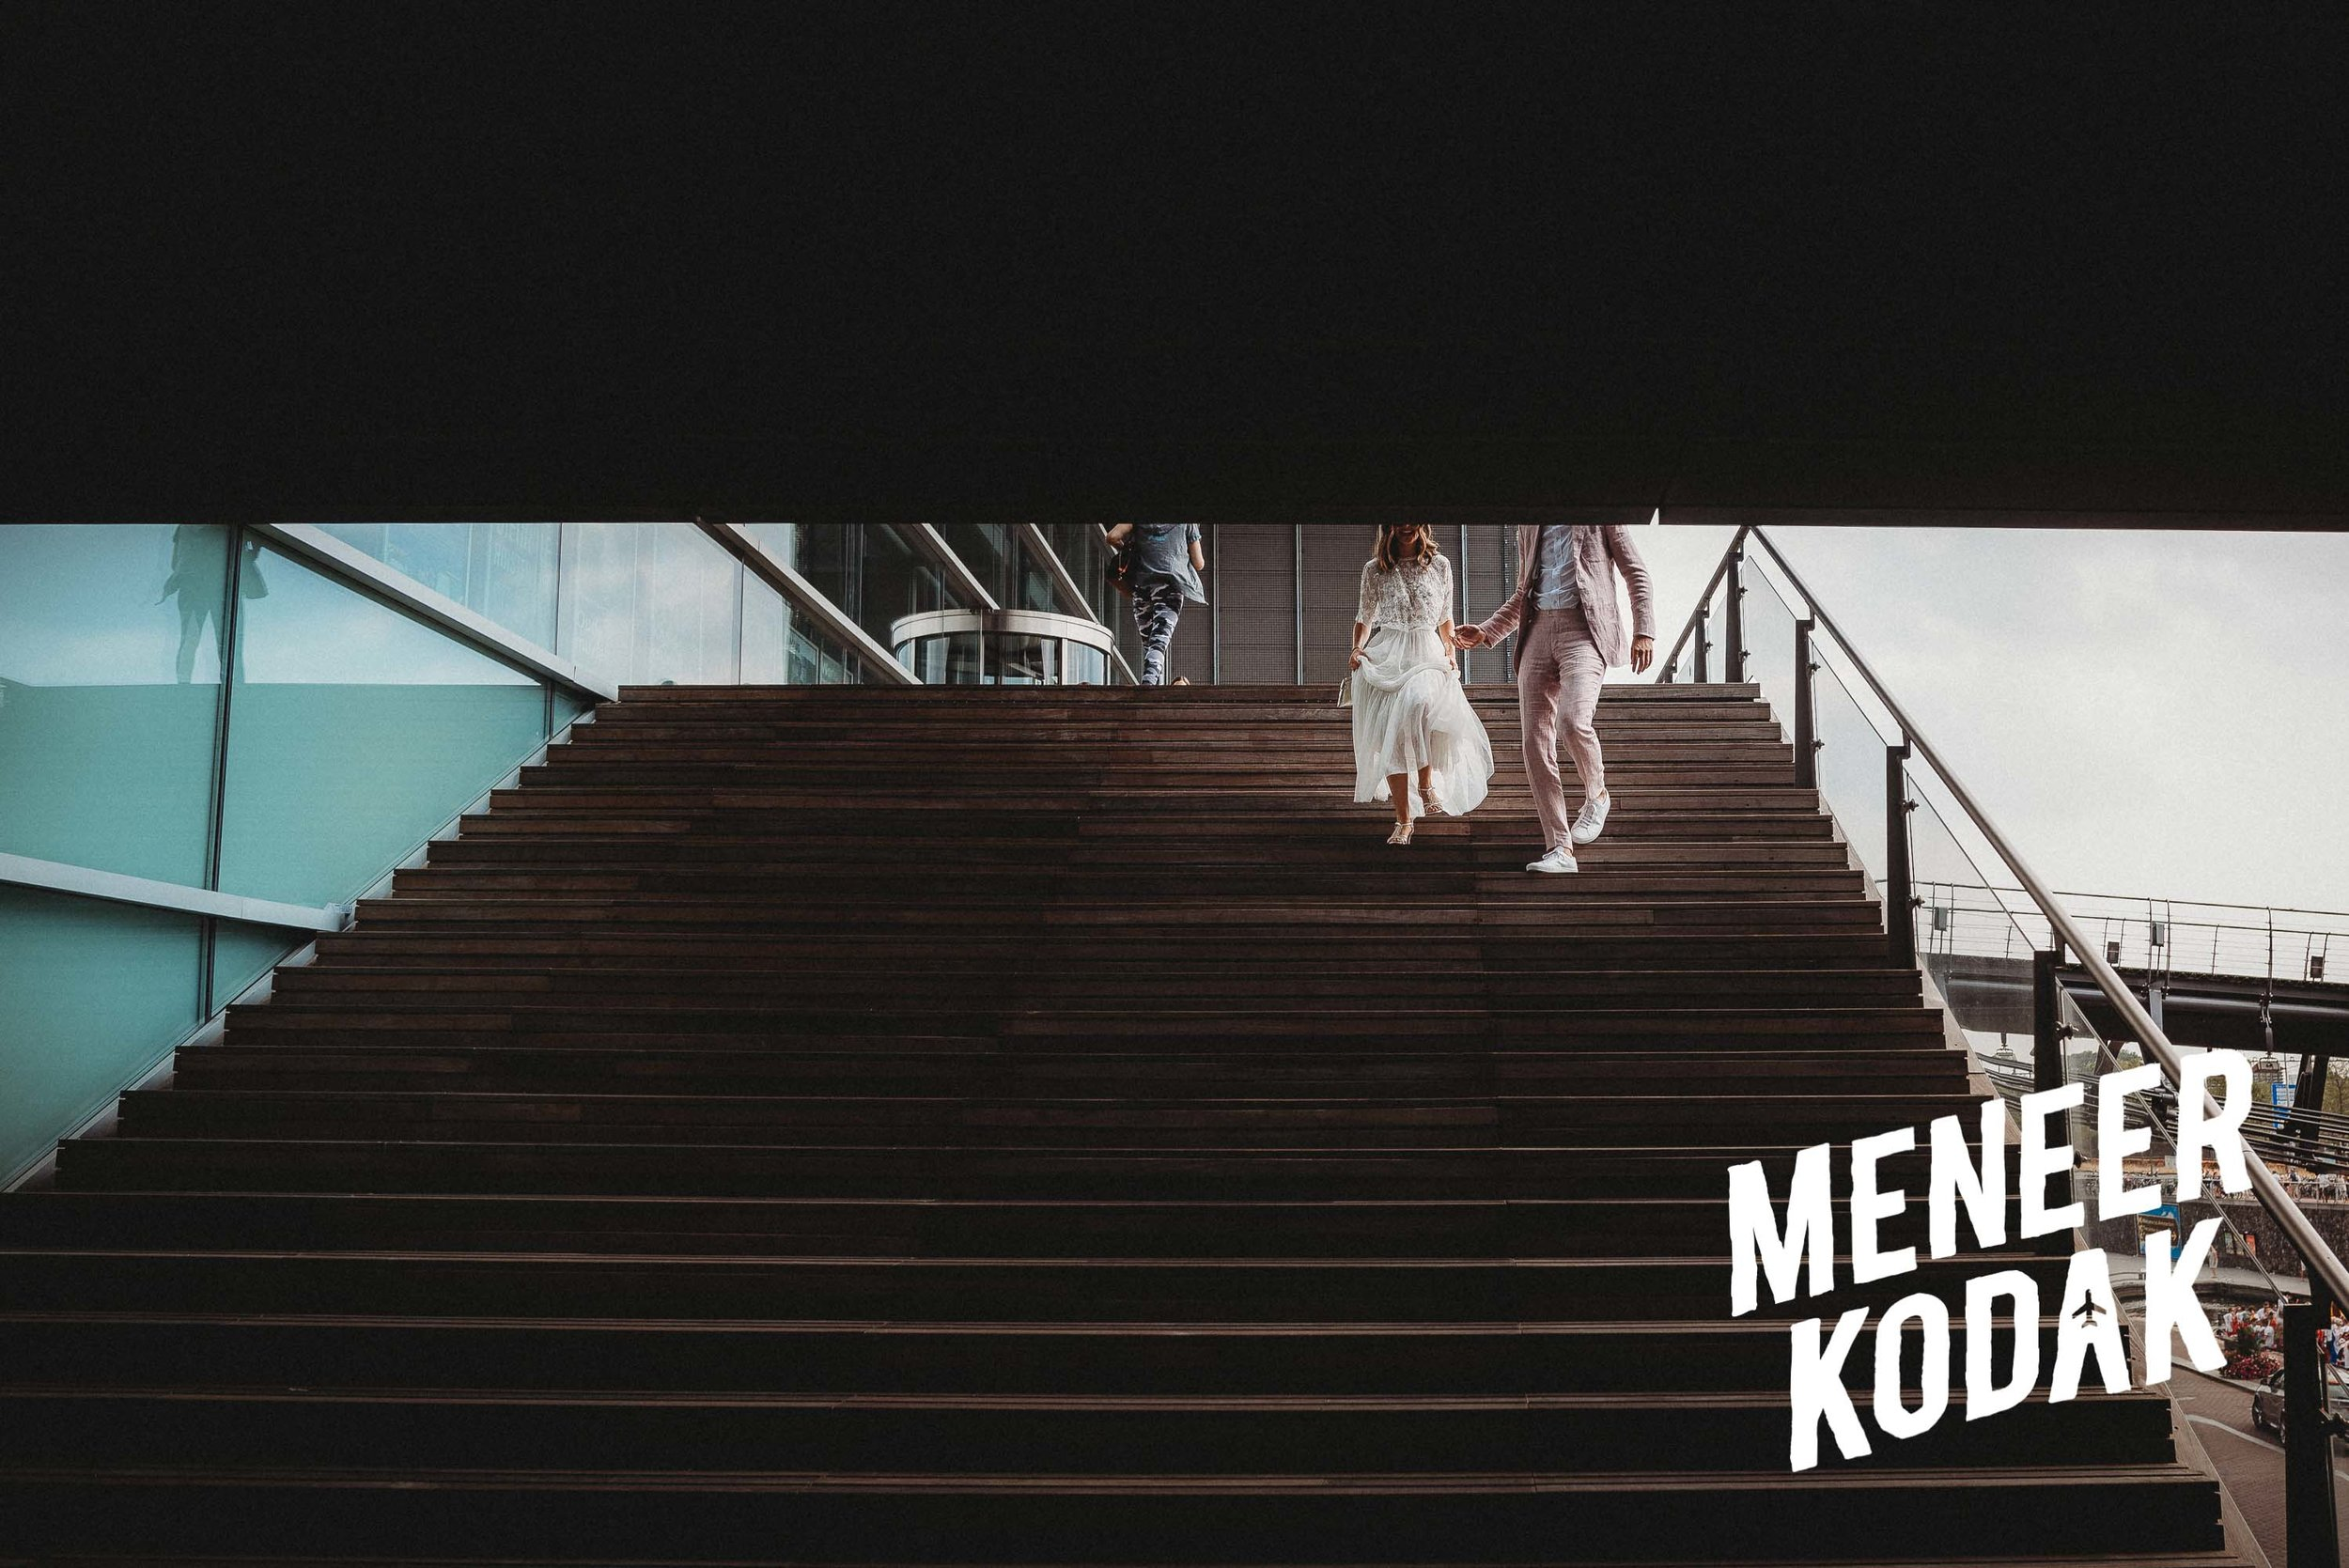 Meneer Kodak - Trouwfotograaf - Amsterdam - H&T-057.jpg